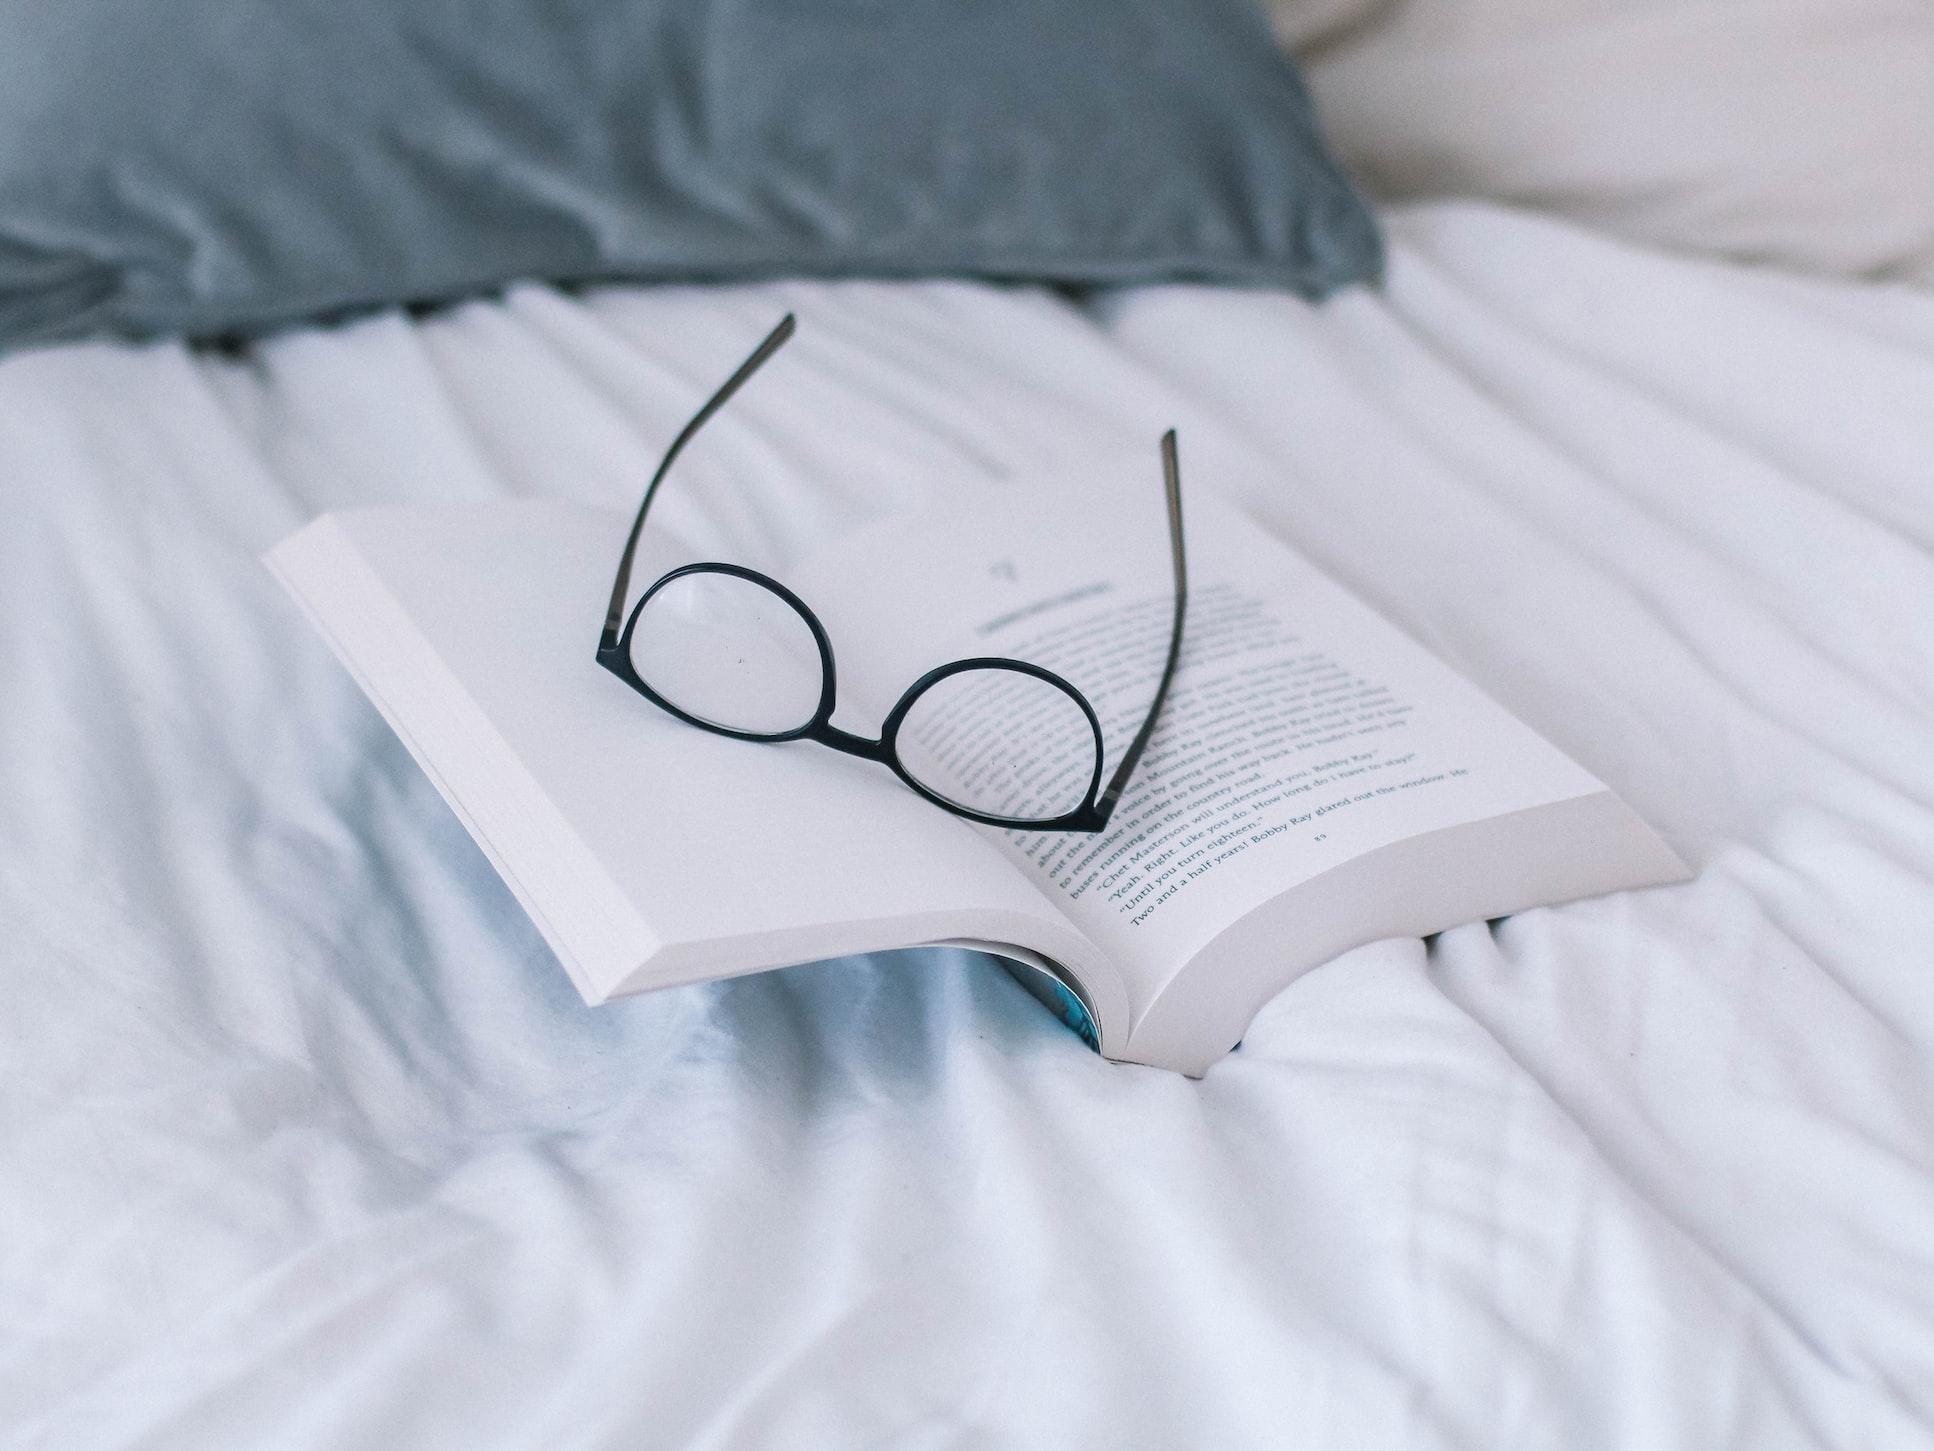 現代文の音読の効果『記憶に定着しやすくなる』